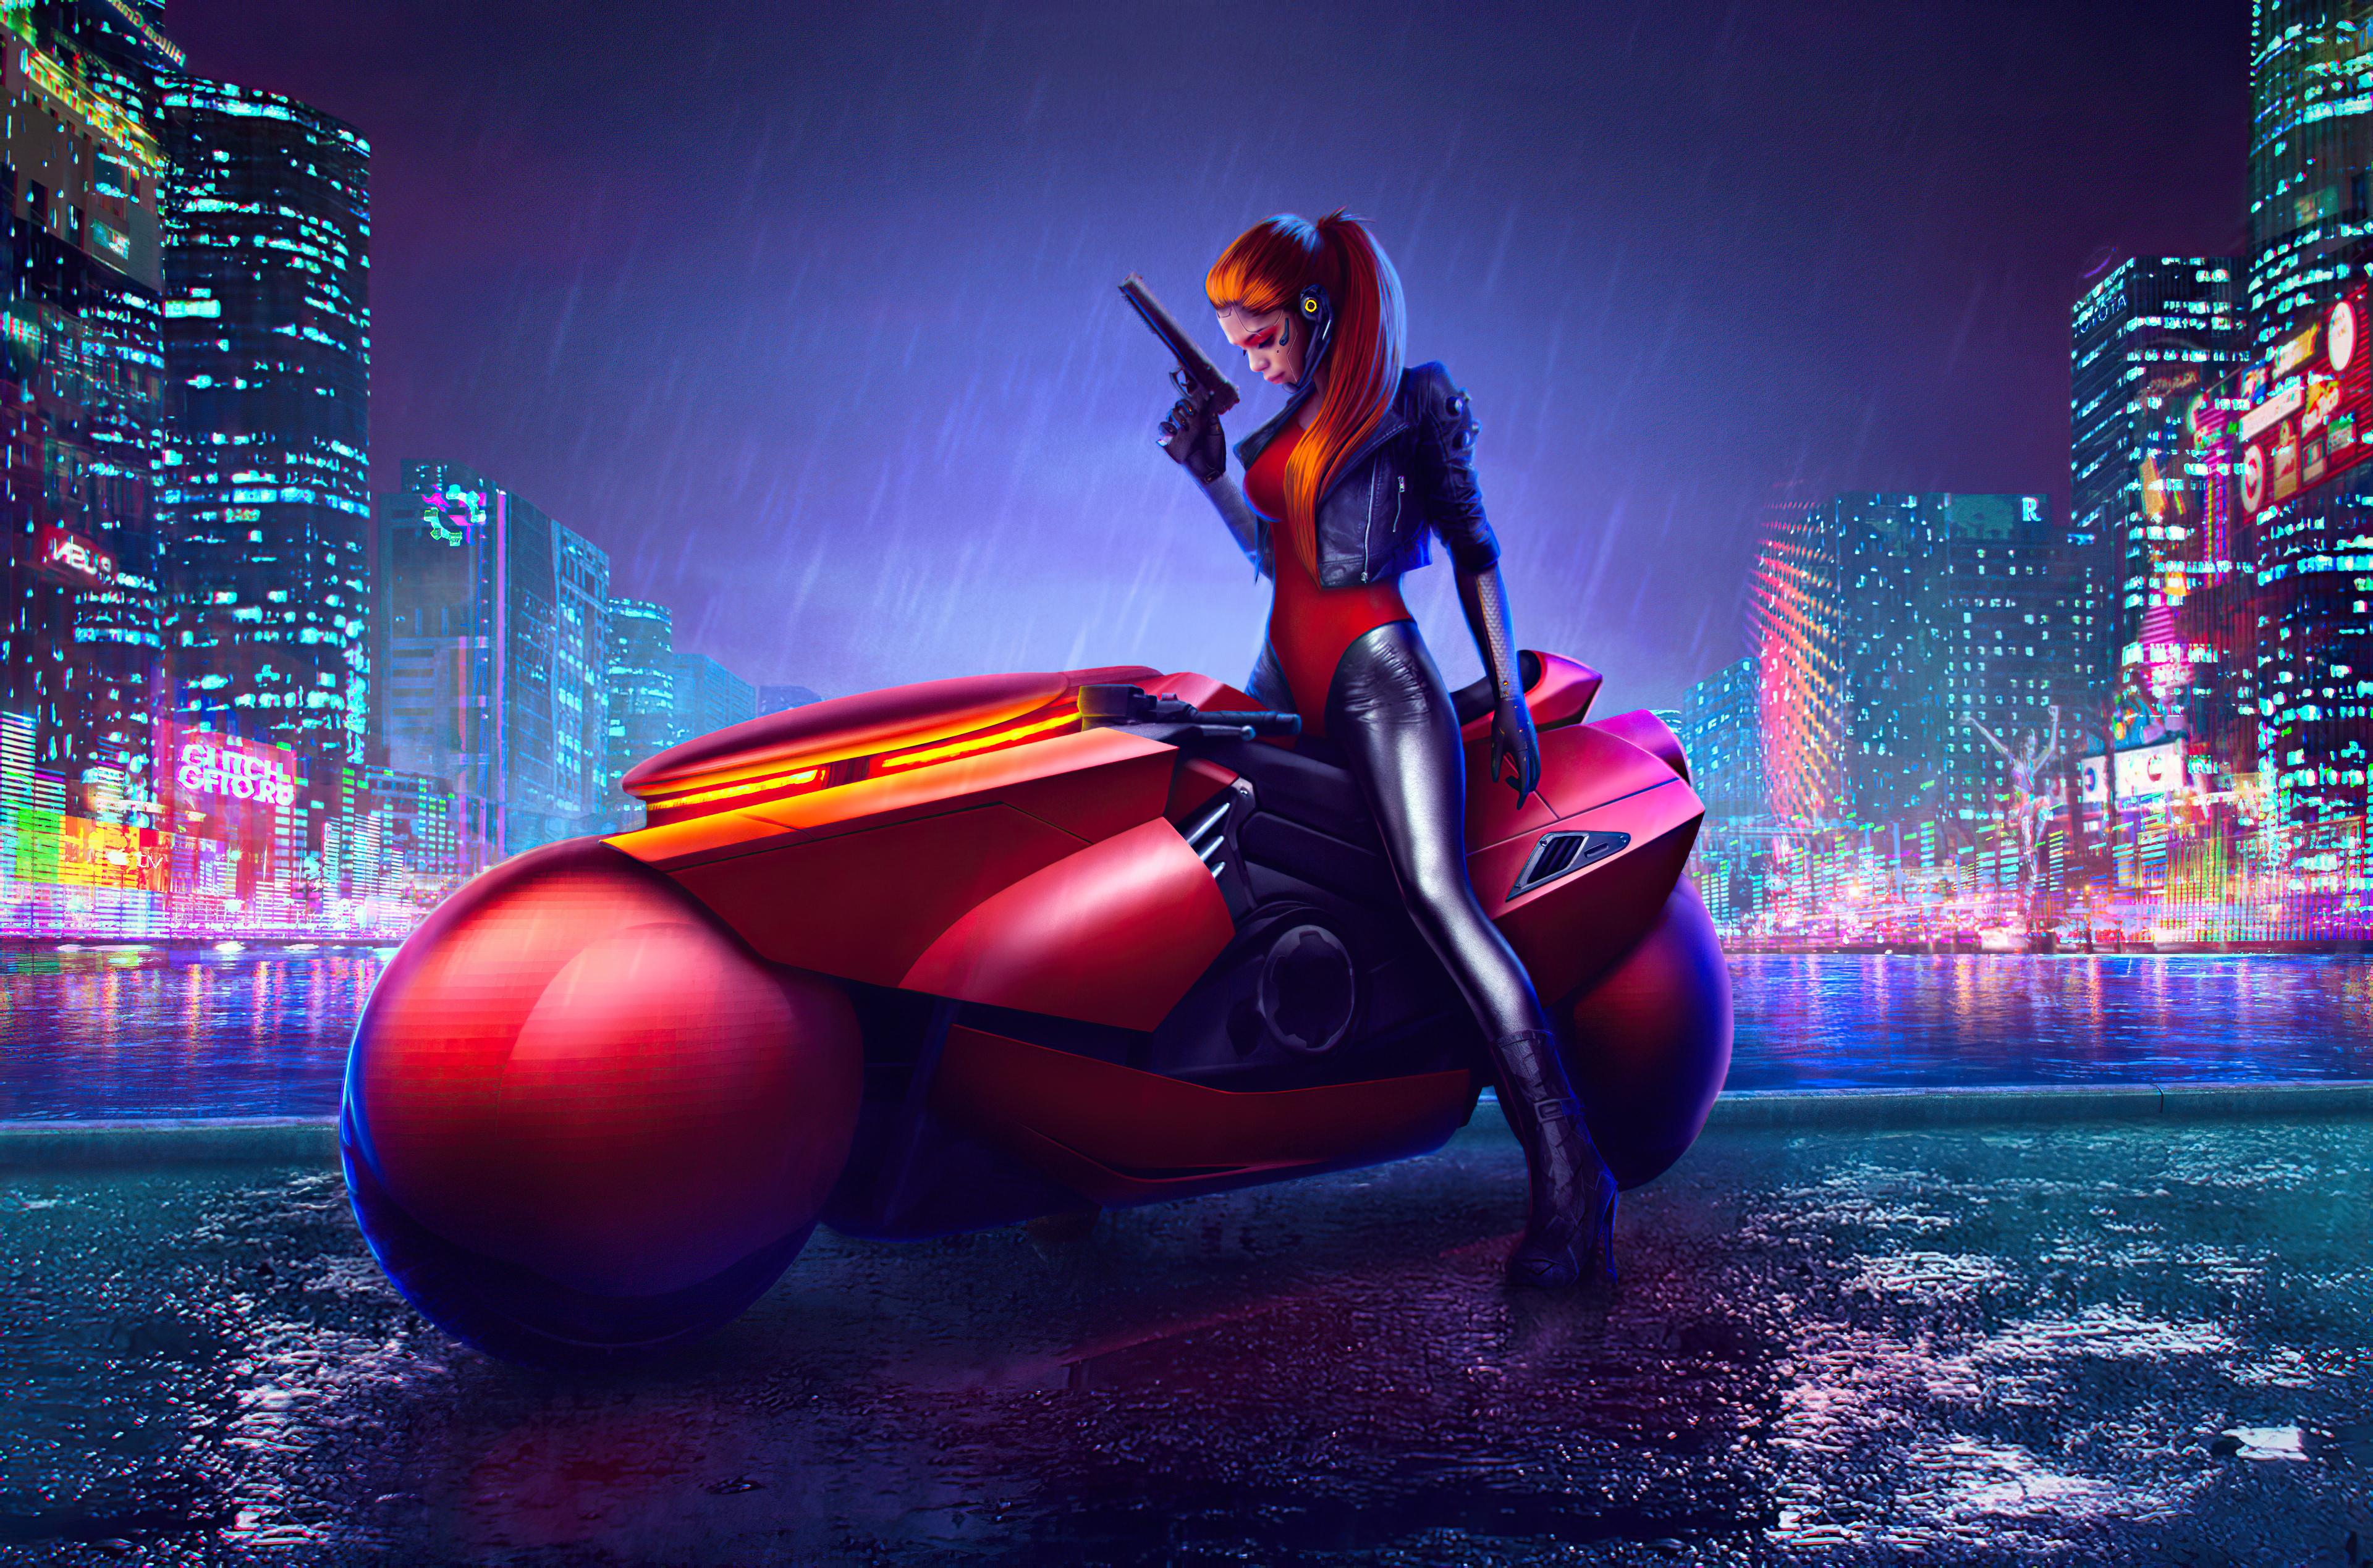 Cyberpunk Girl 4k Wallpaper Cyberpunk Bike Digital Art Graphics Cgi 1478